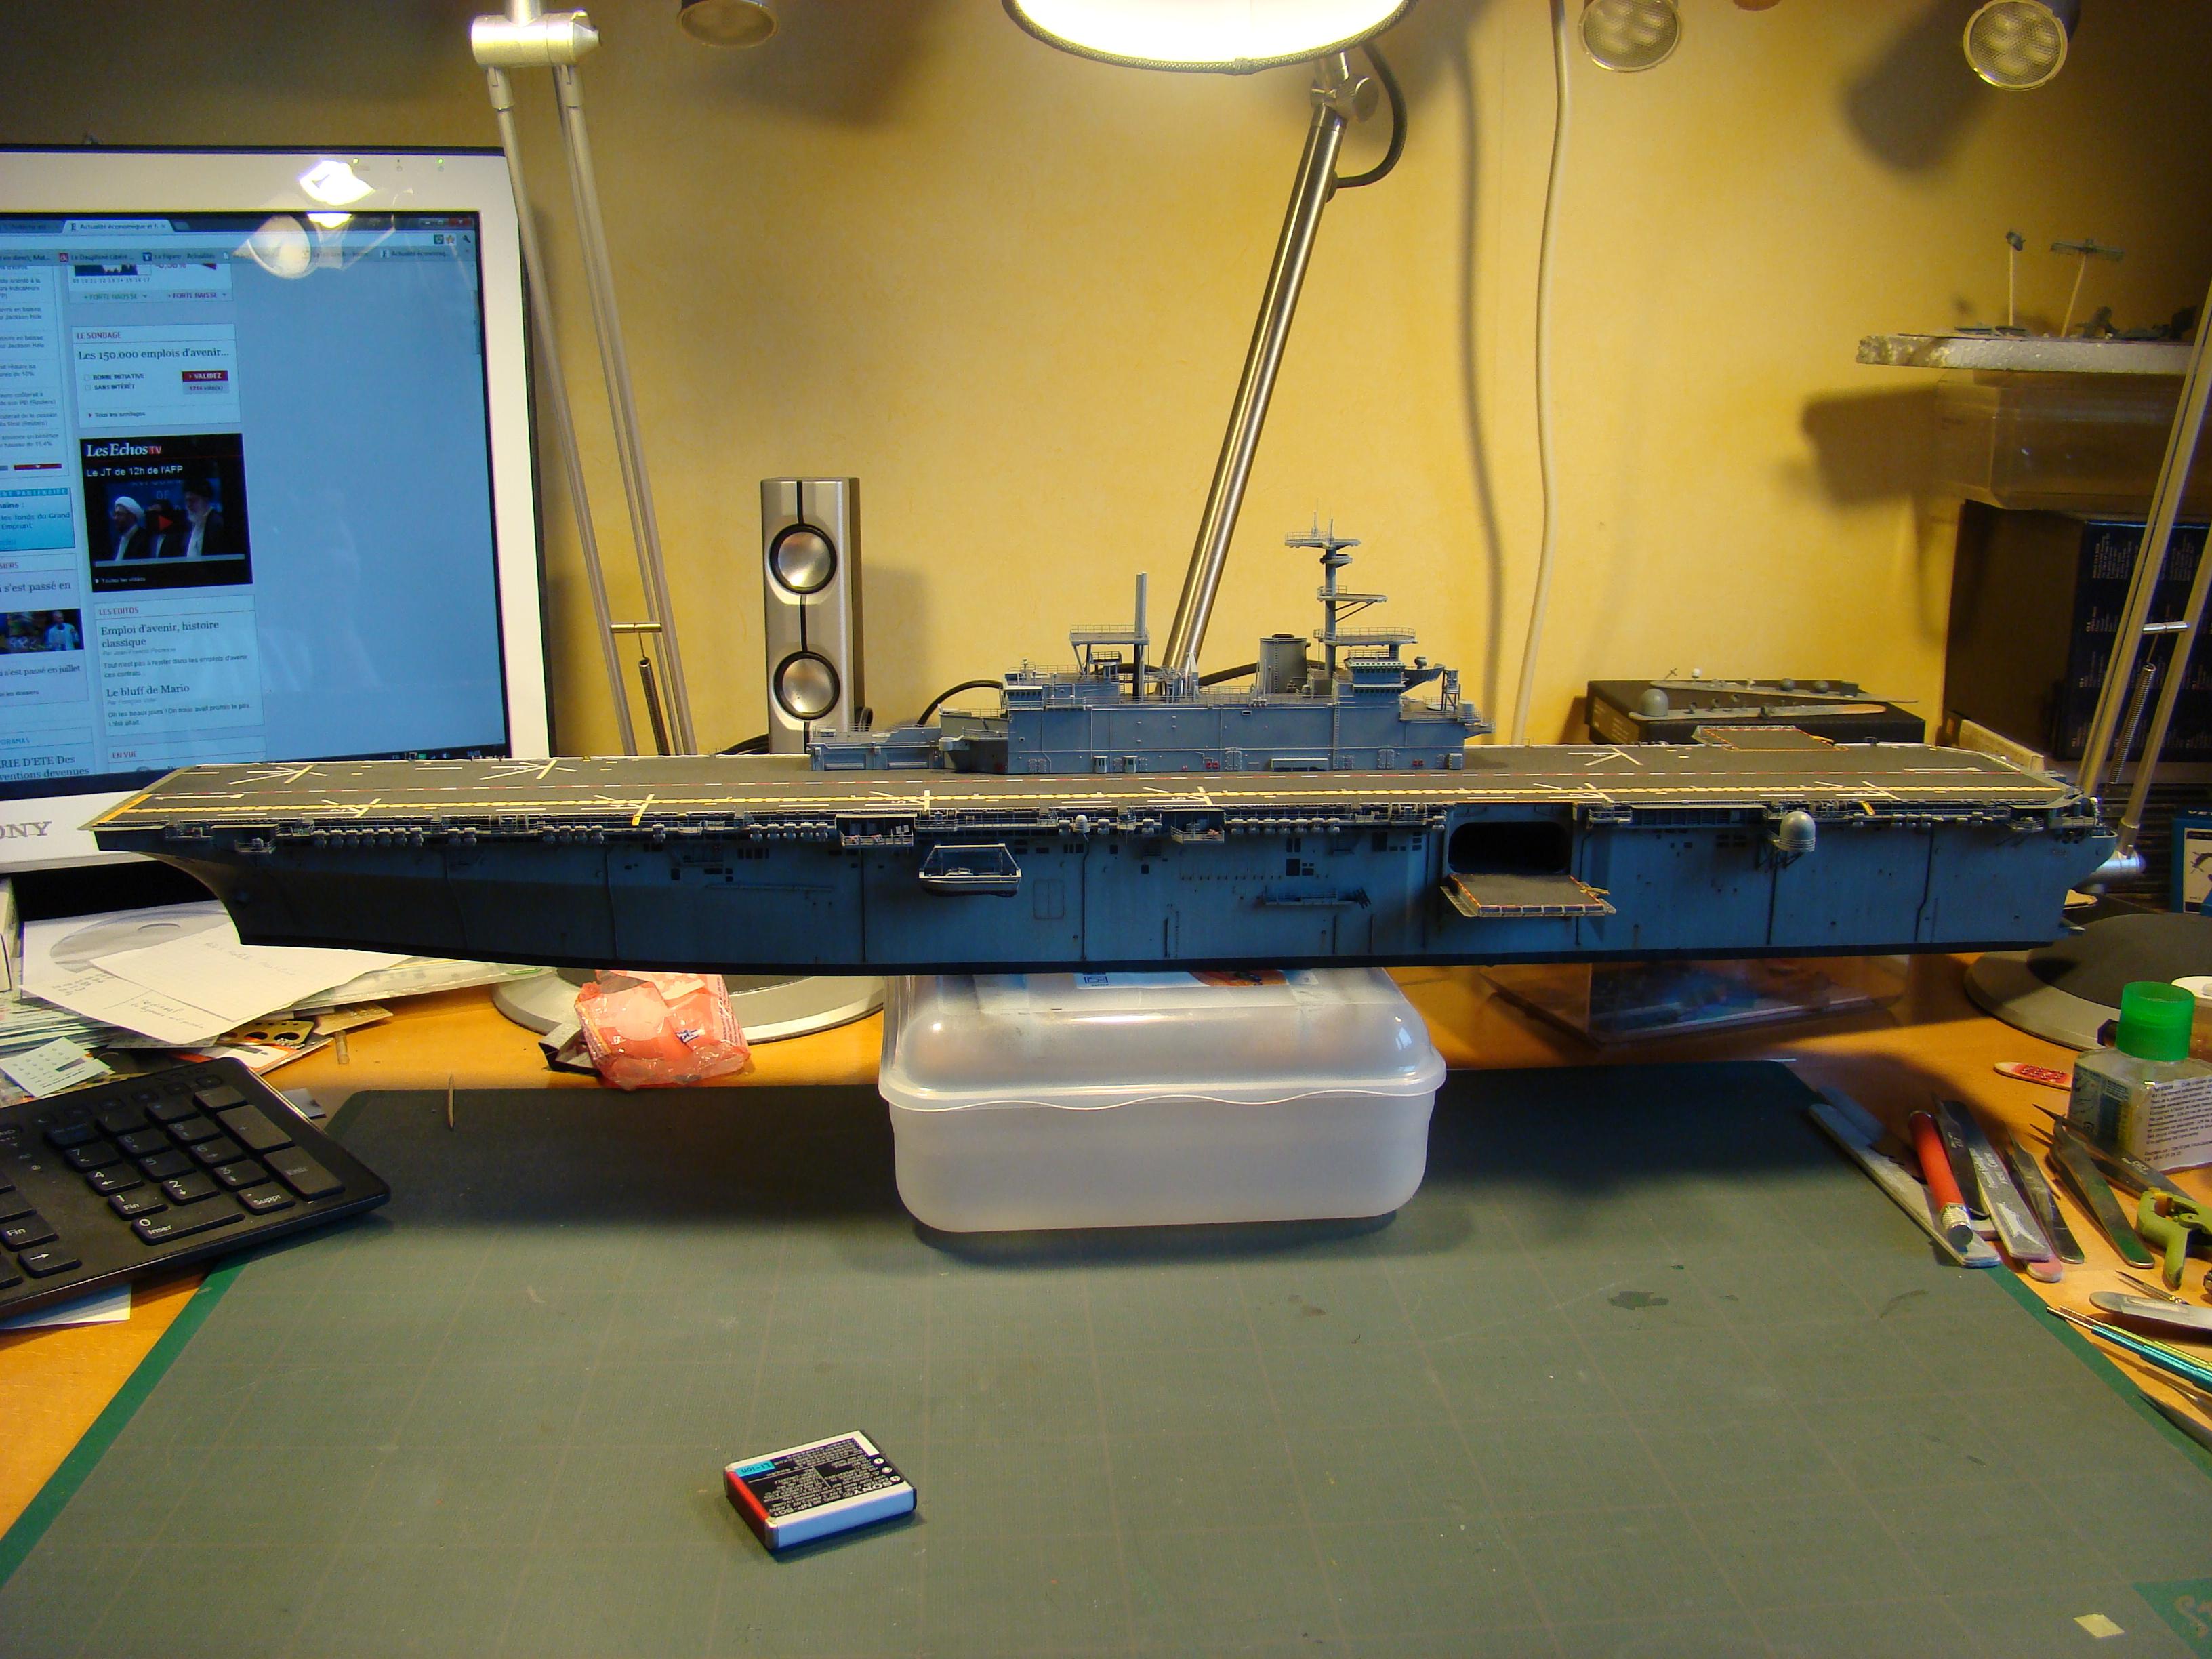 USS WASP LHD-1 au 1/350ème - Page 3 Dsc09108h